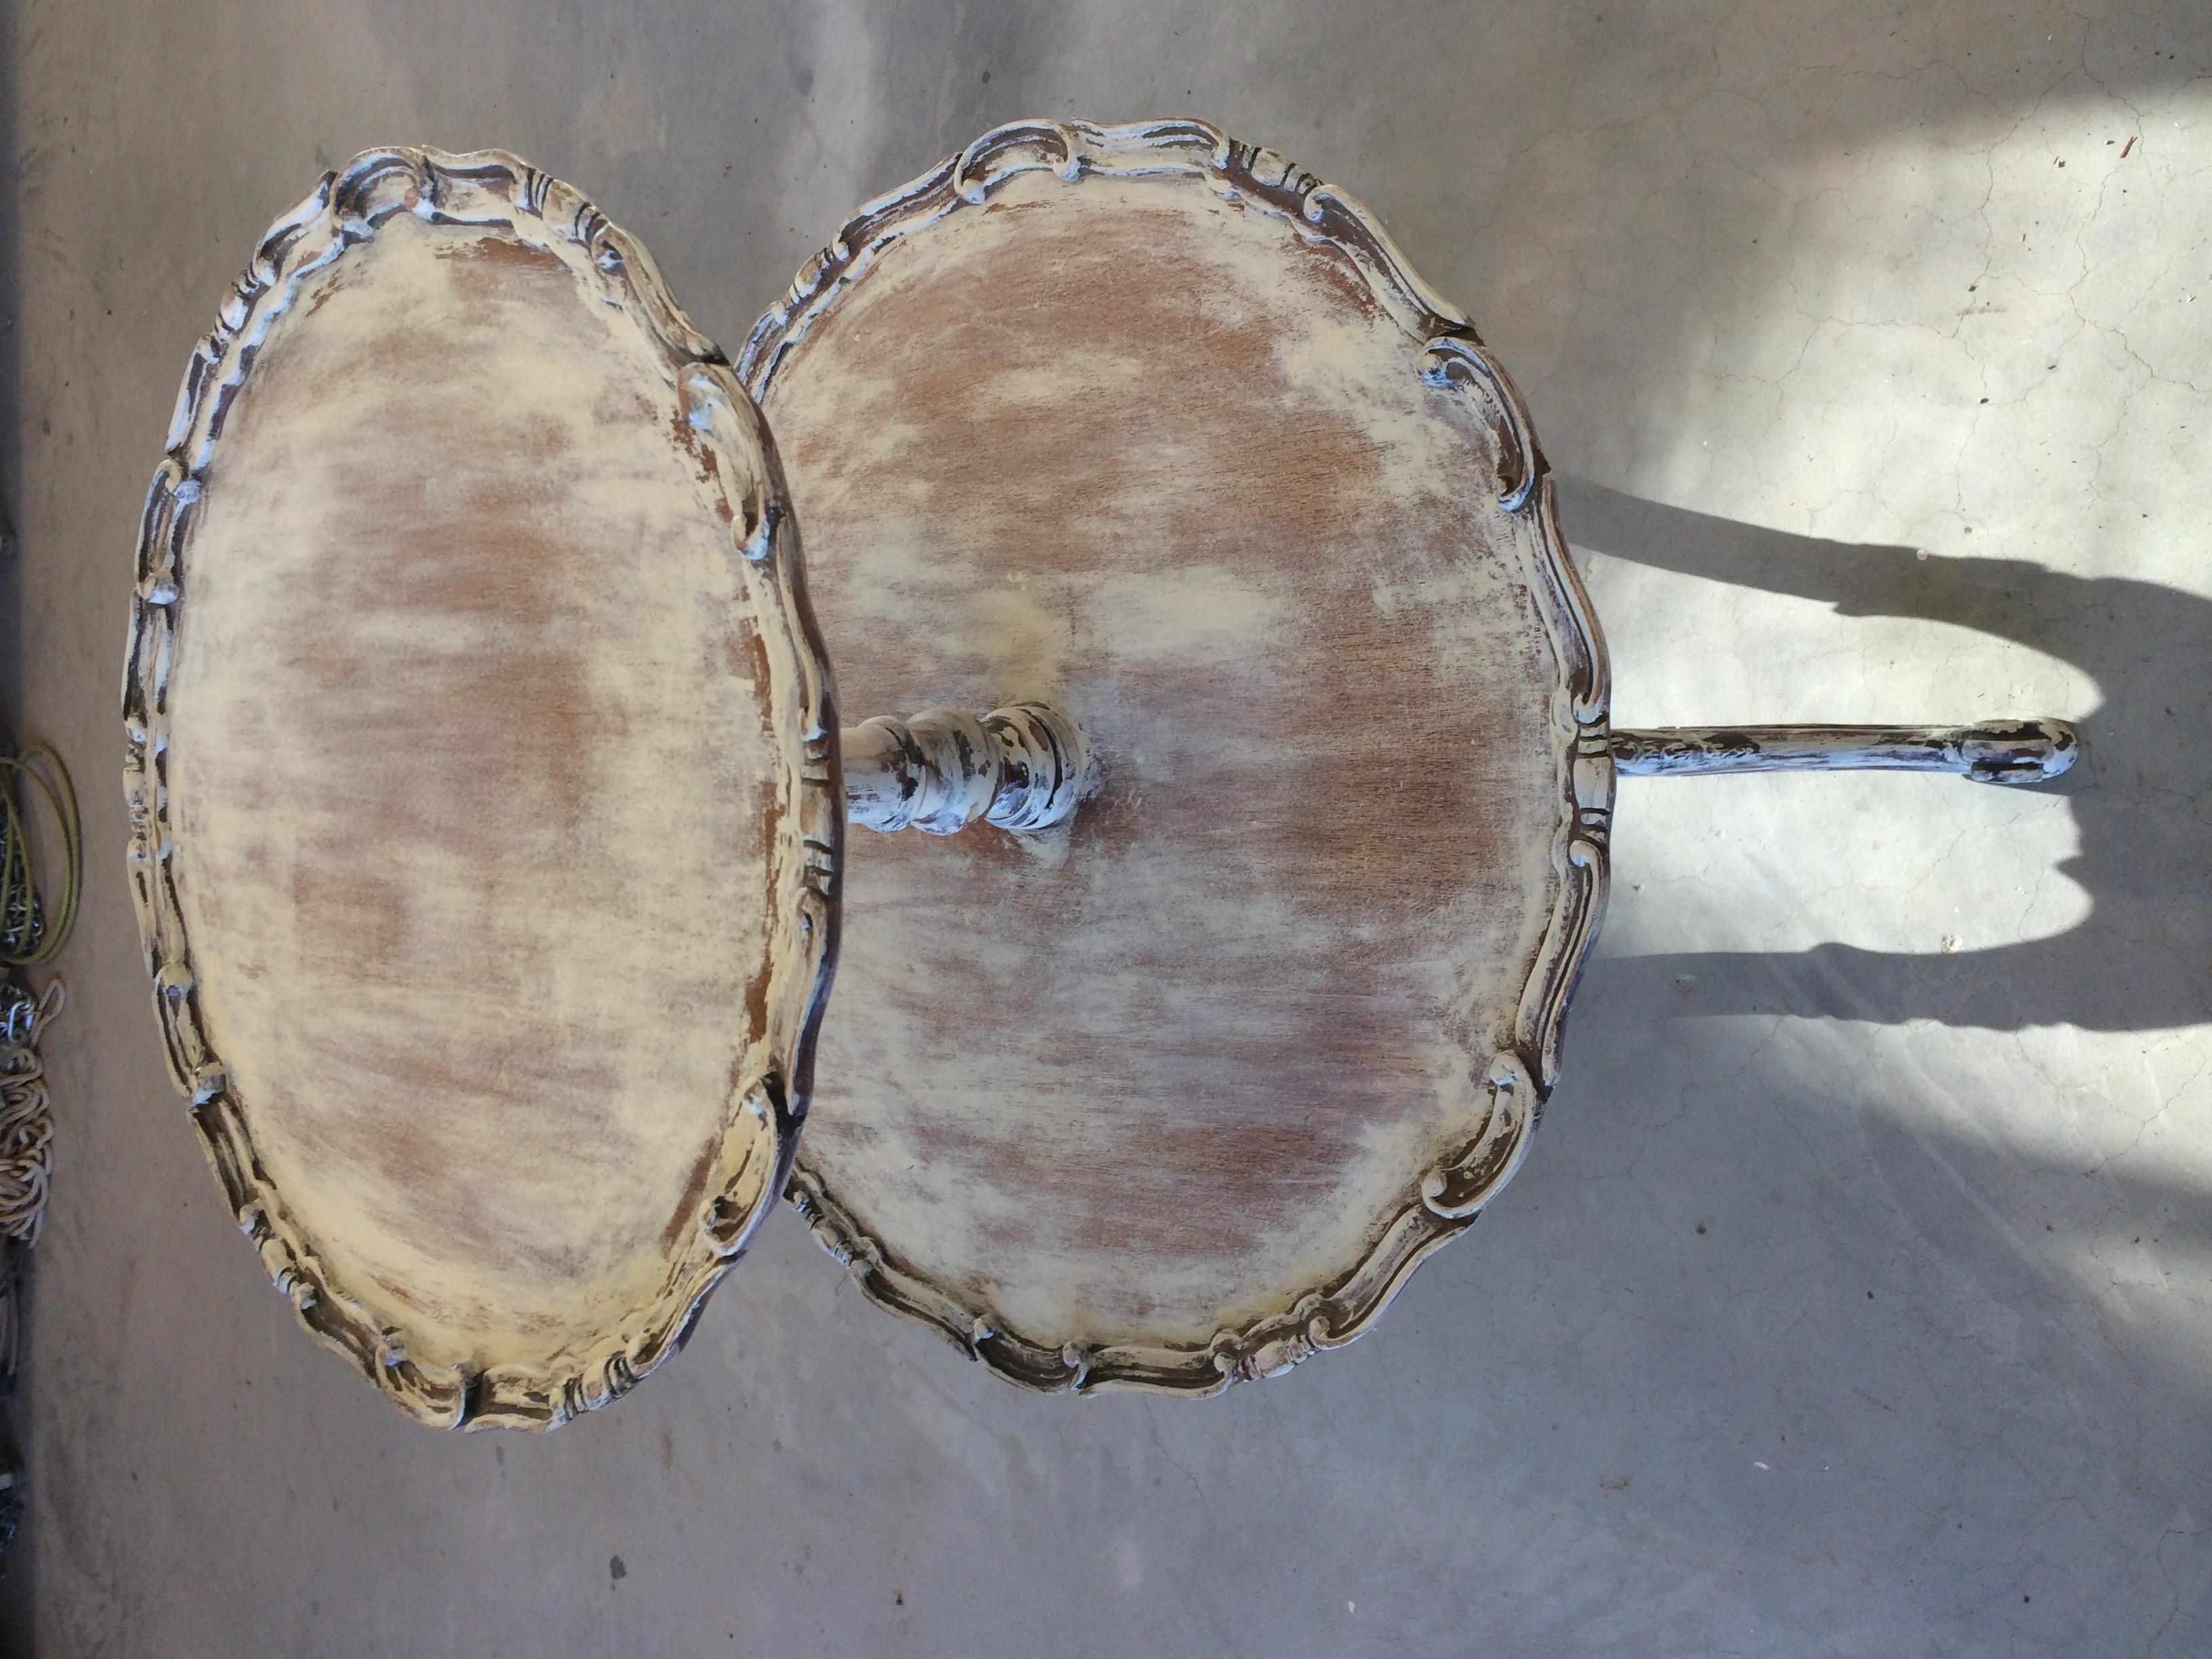 Two Tier Pie Crust